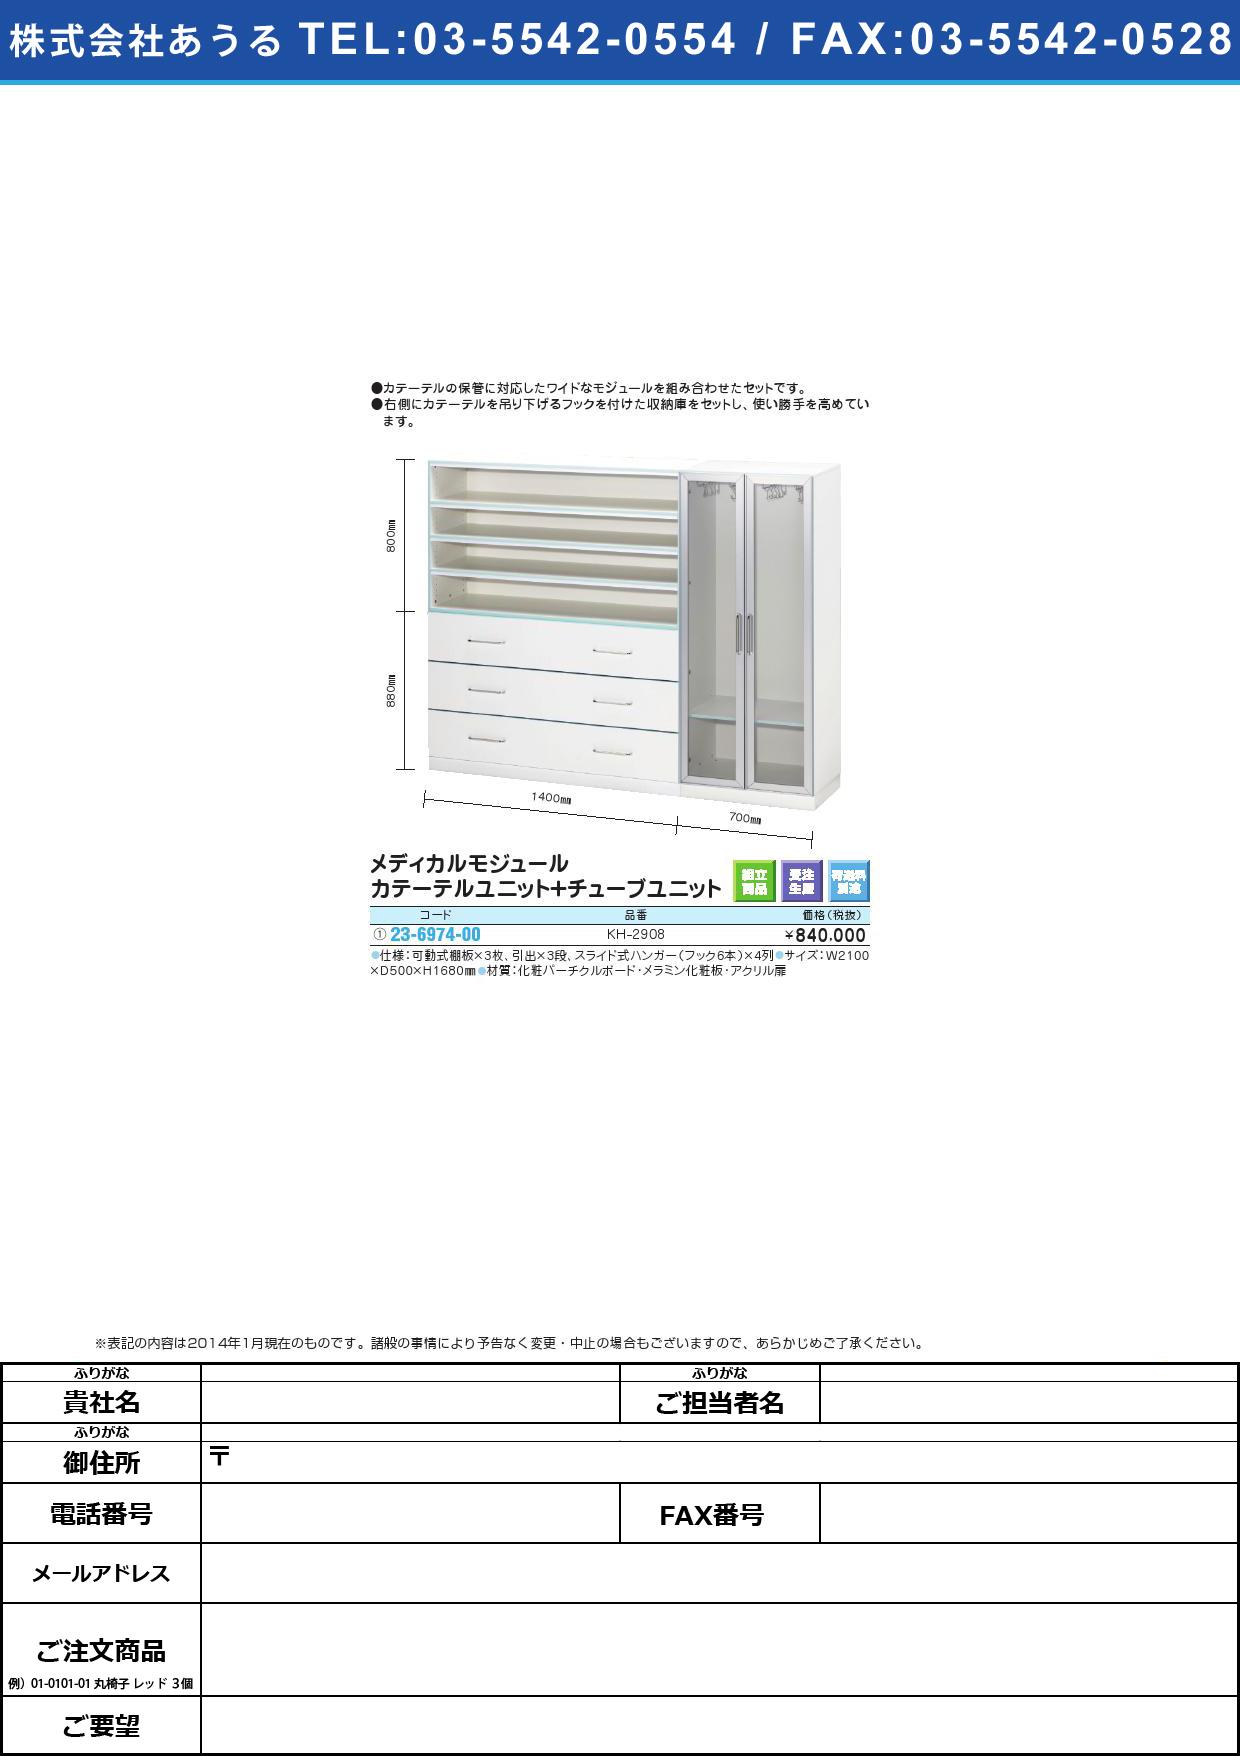 メディカルモジュール メディカルモジュール(23-6974-00)KH-2908(カテーテル+チューブ)【1台単位】